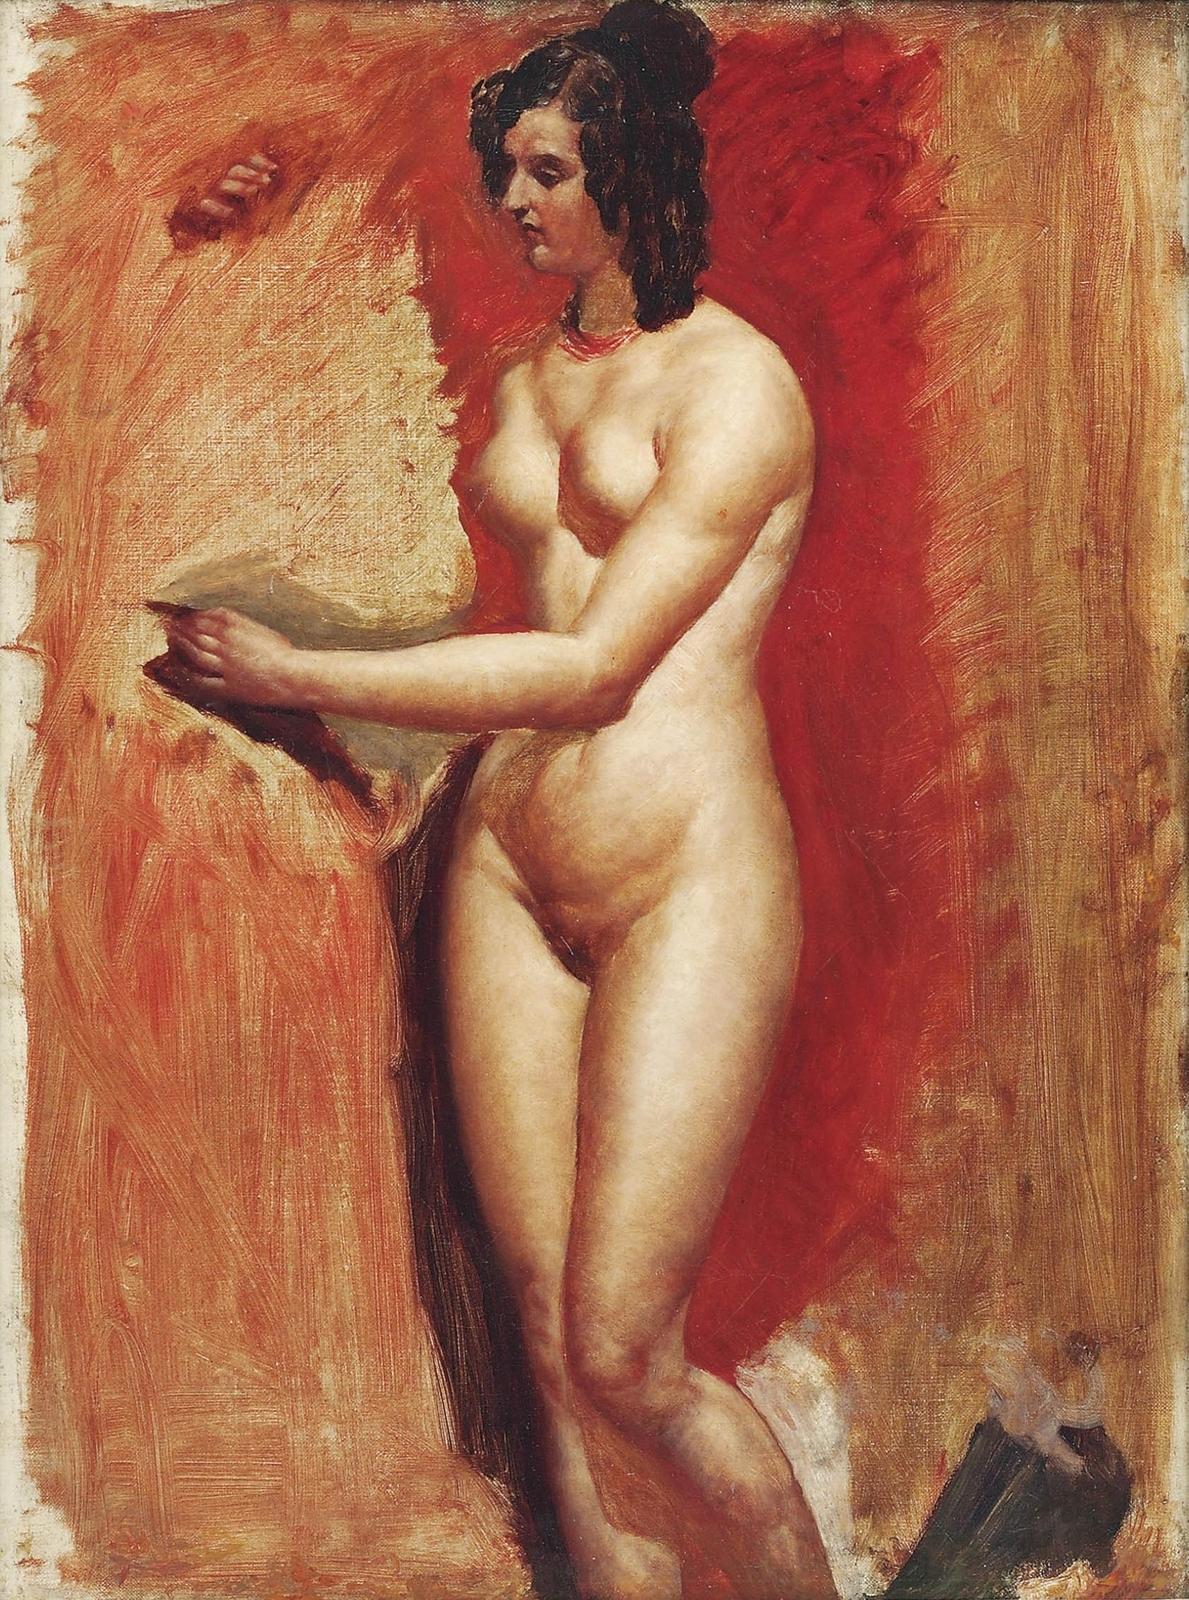 Уильям Этти. Этюд обнаженной (Study of a Female Nude). 60 x 49.5. Холст, масло. Частное собрание.